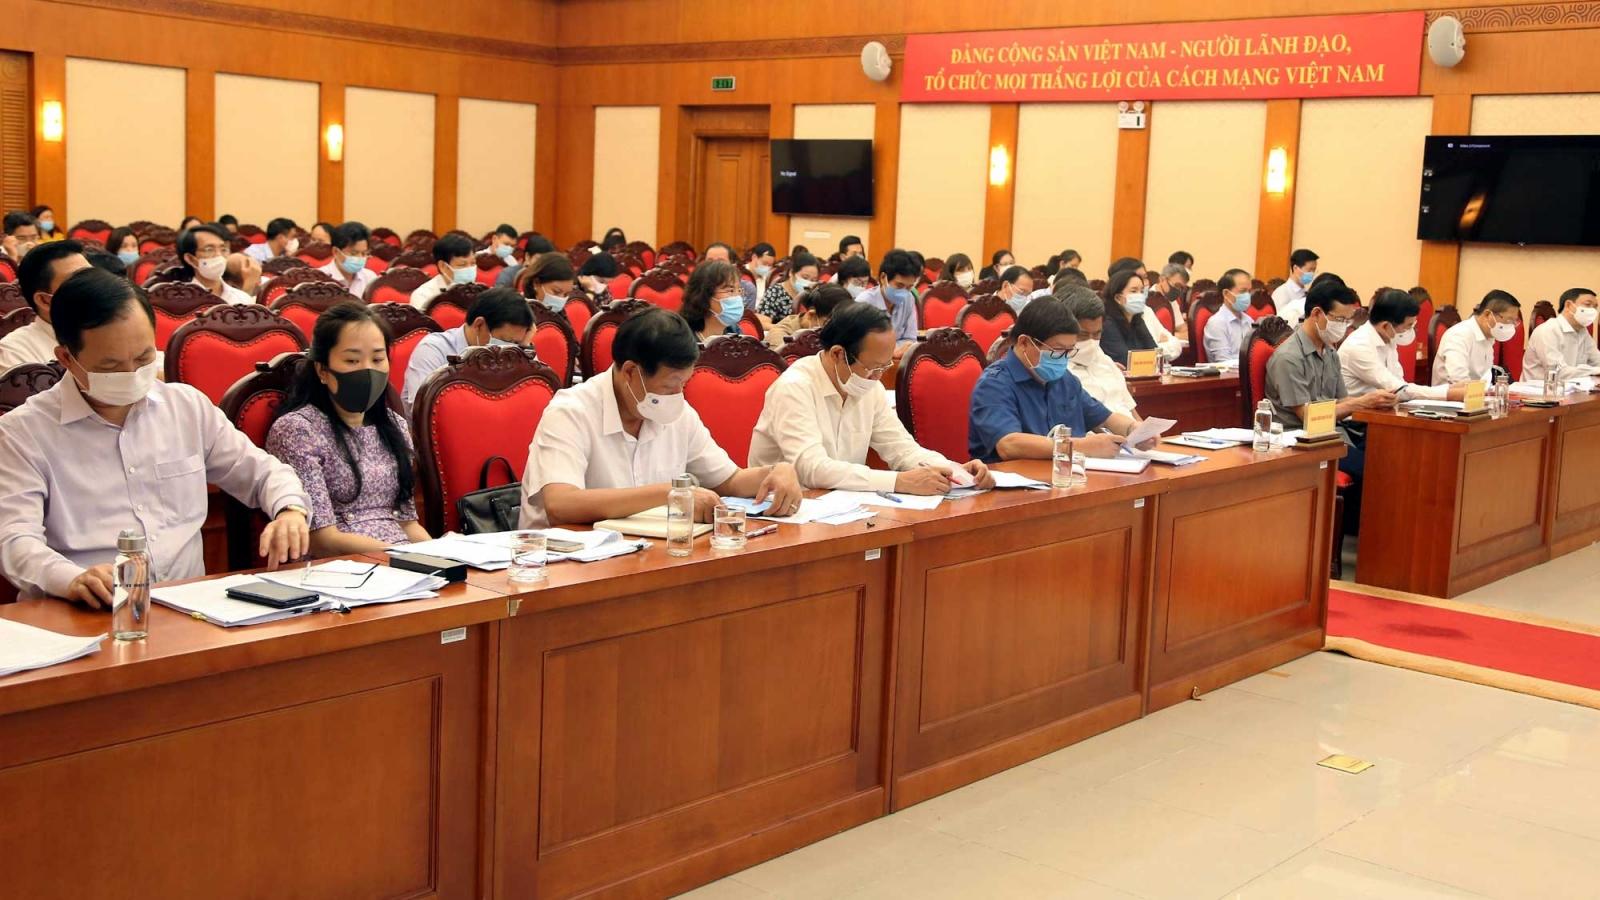 Tam nông mang tính chiến lược trong công nghiệp hóa, hiện đại hóa đất nước